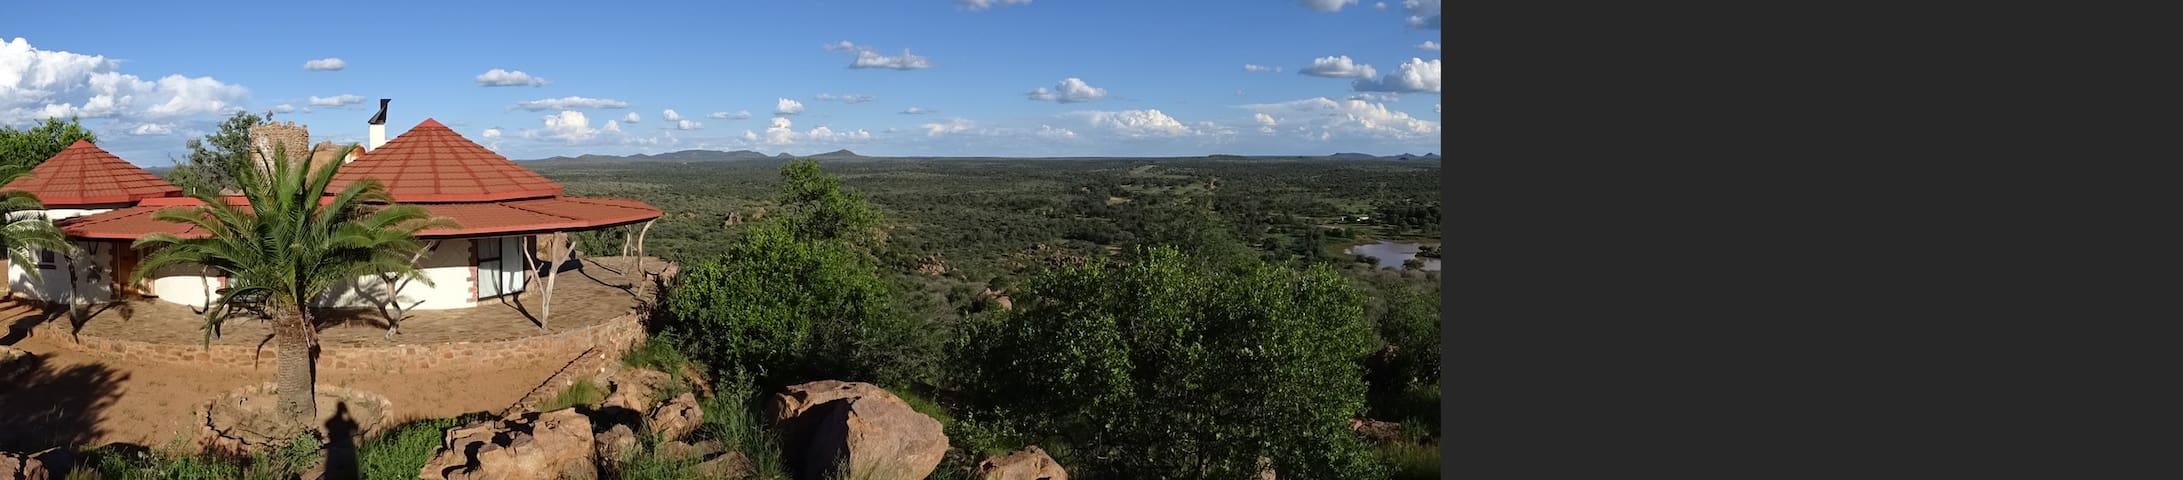 Kub-Mus on Moringa Safaris